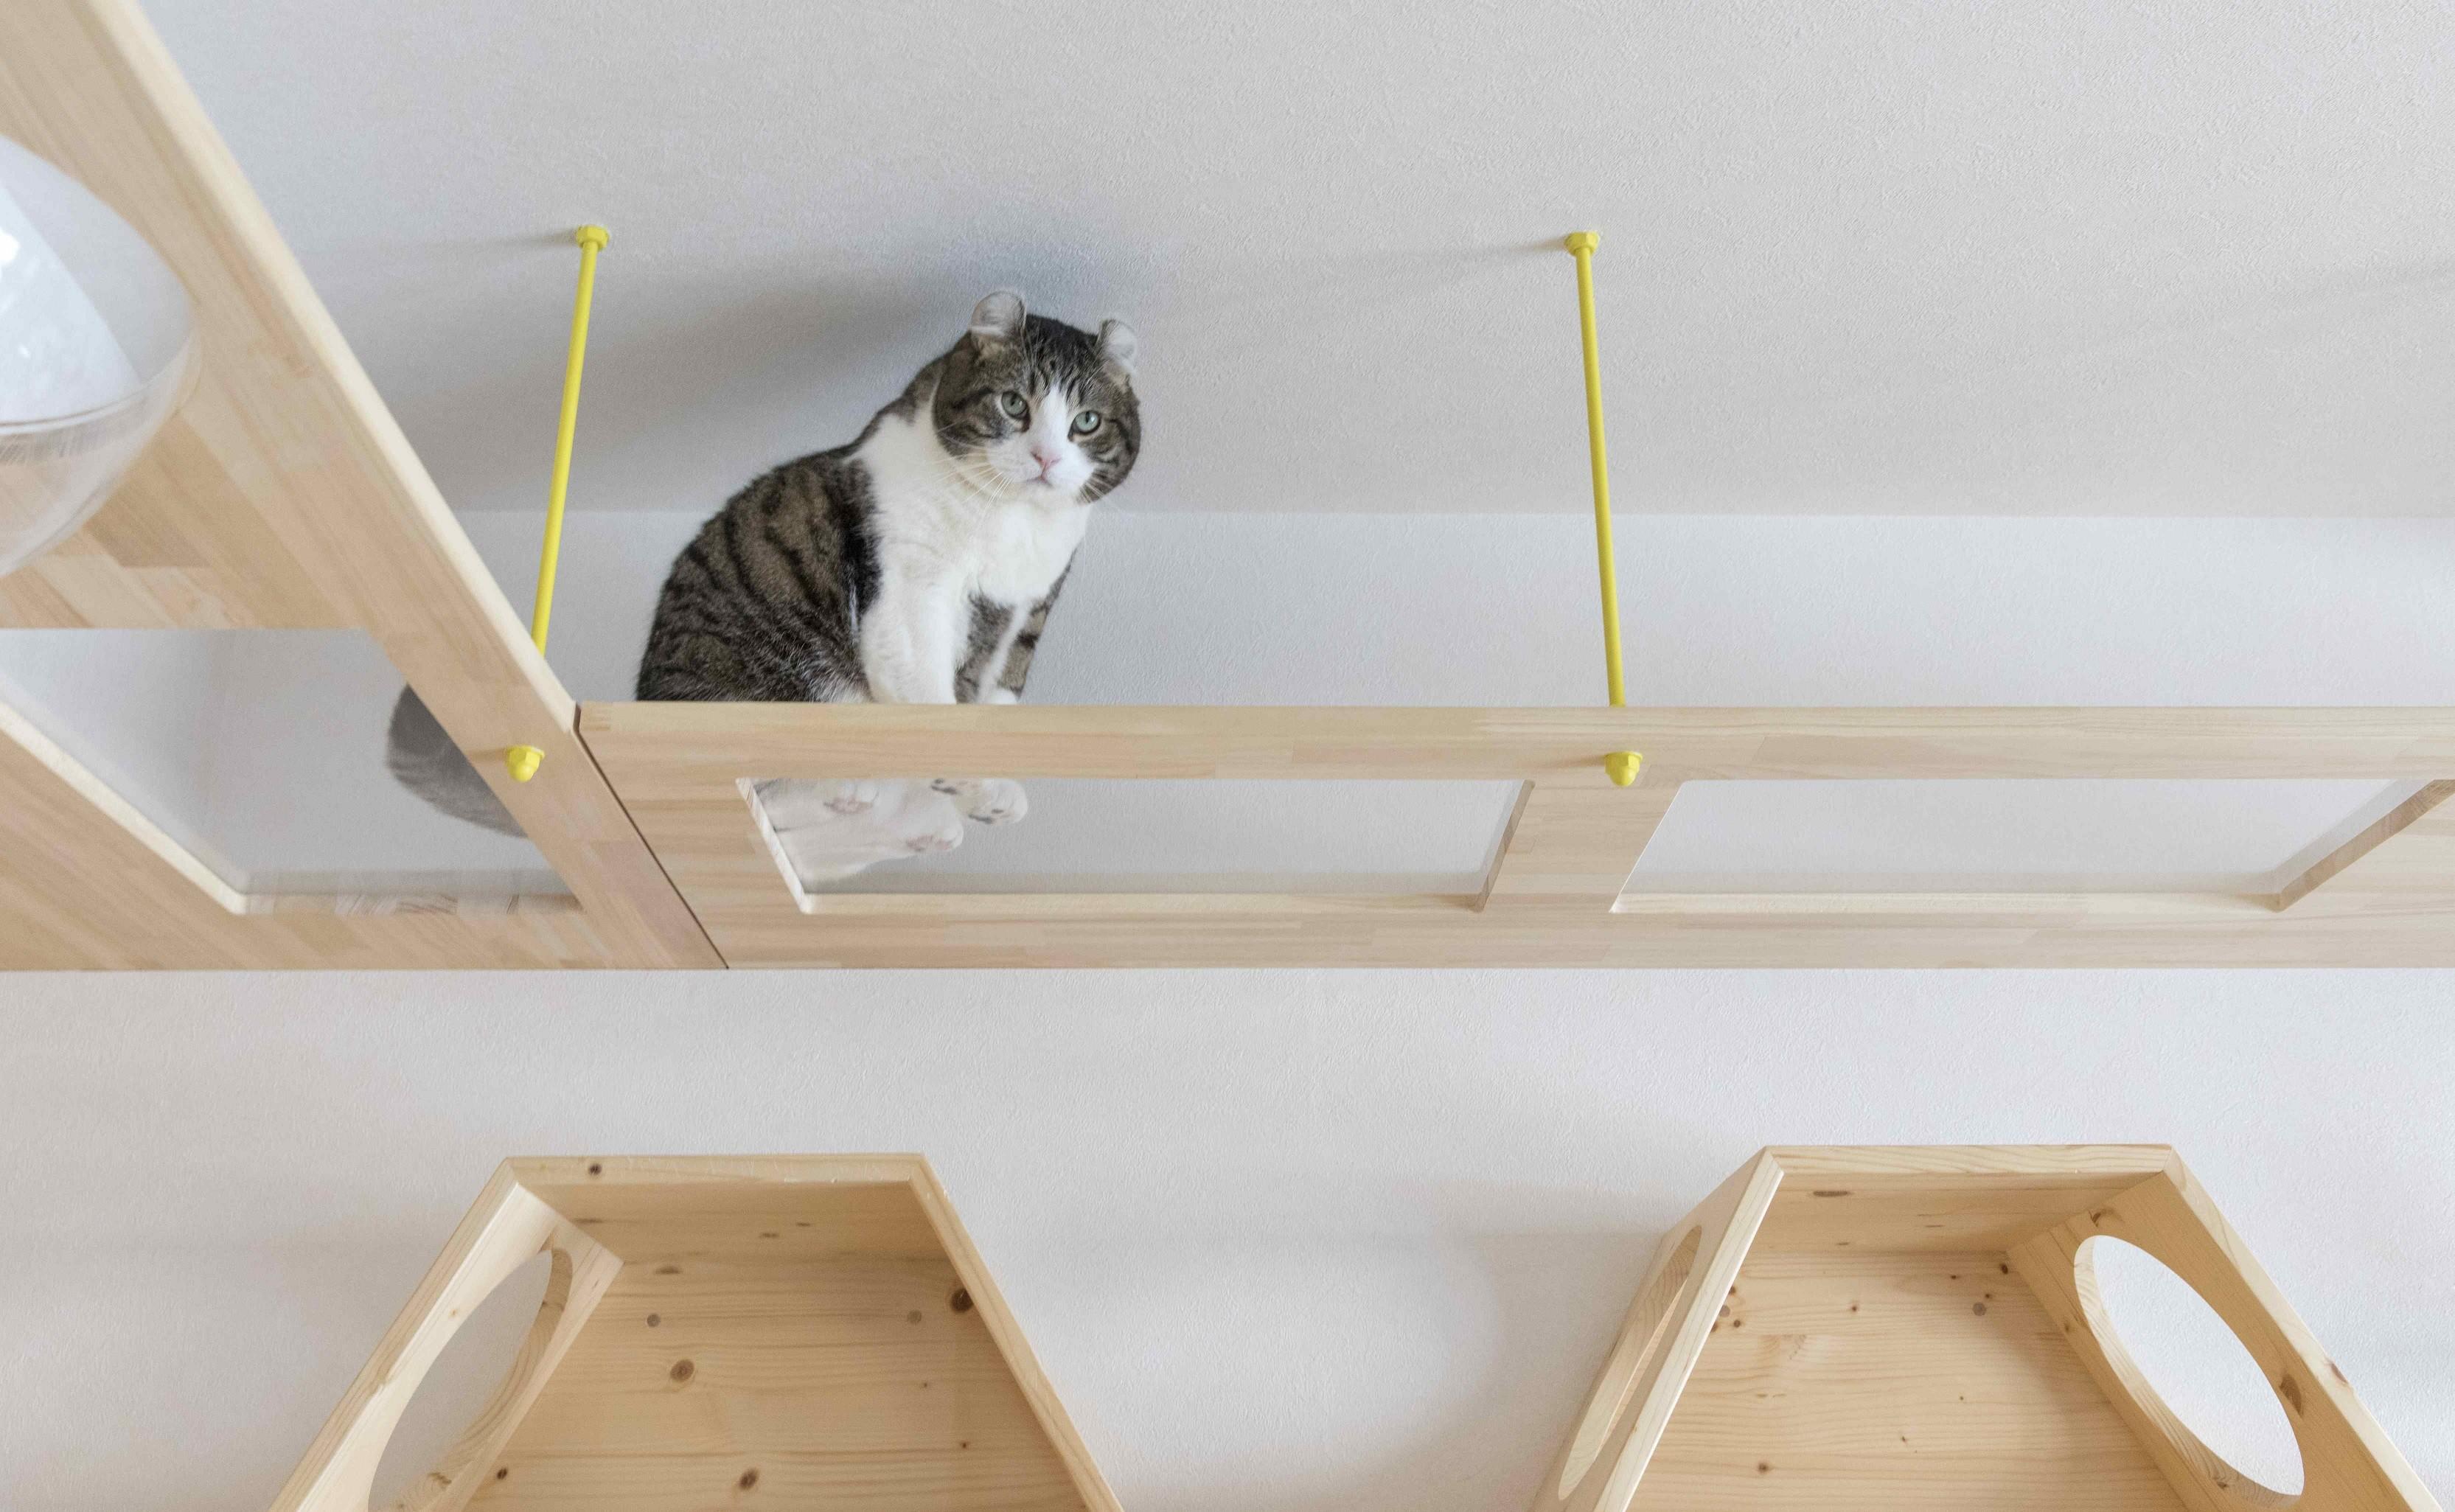 リビングダイニング事例:お施主様にも猫たちにも幸せな空間ができました(♡CATS -ネコと暮らすー)